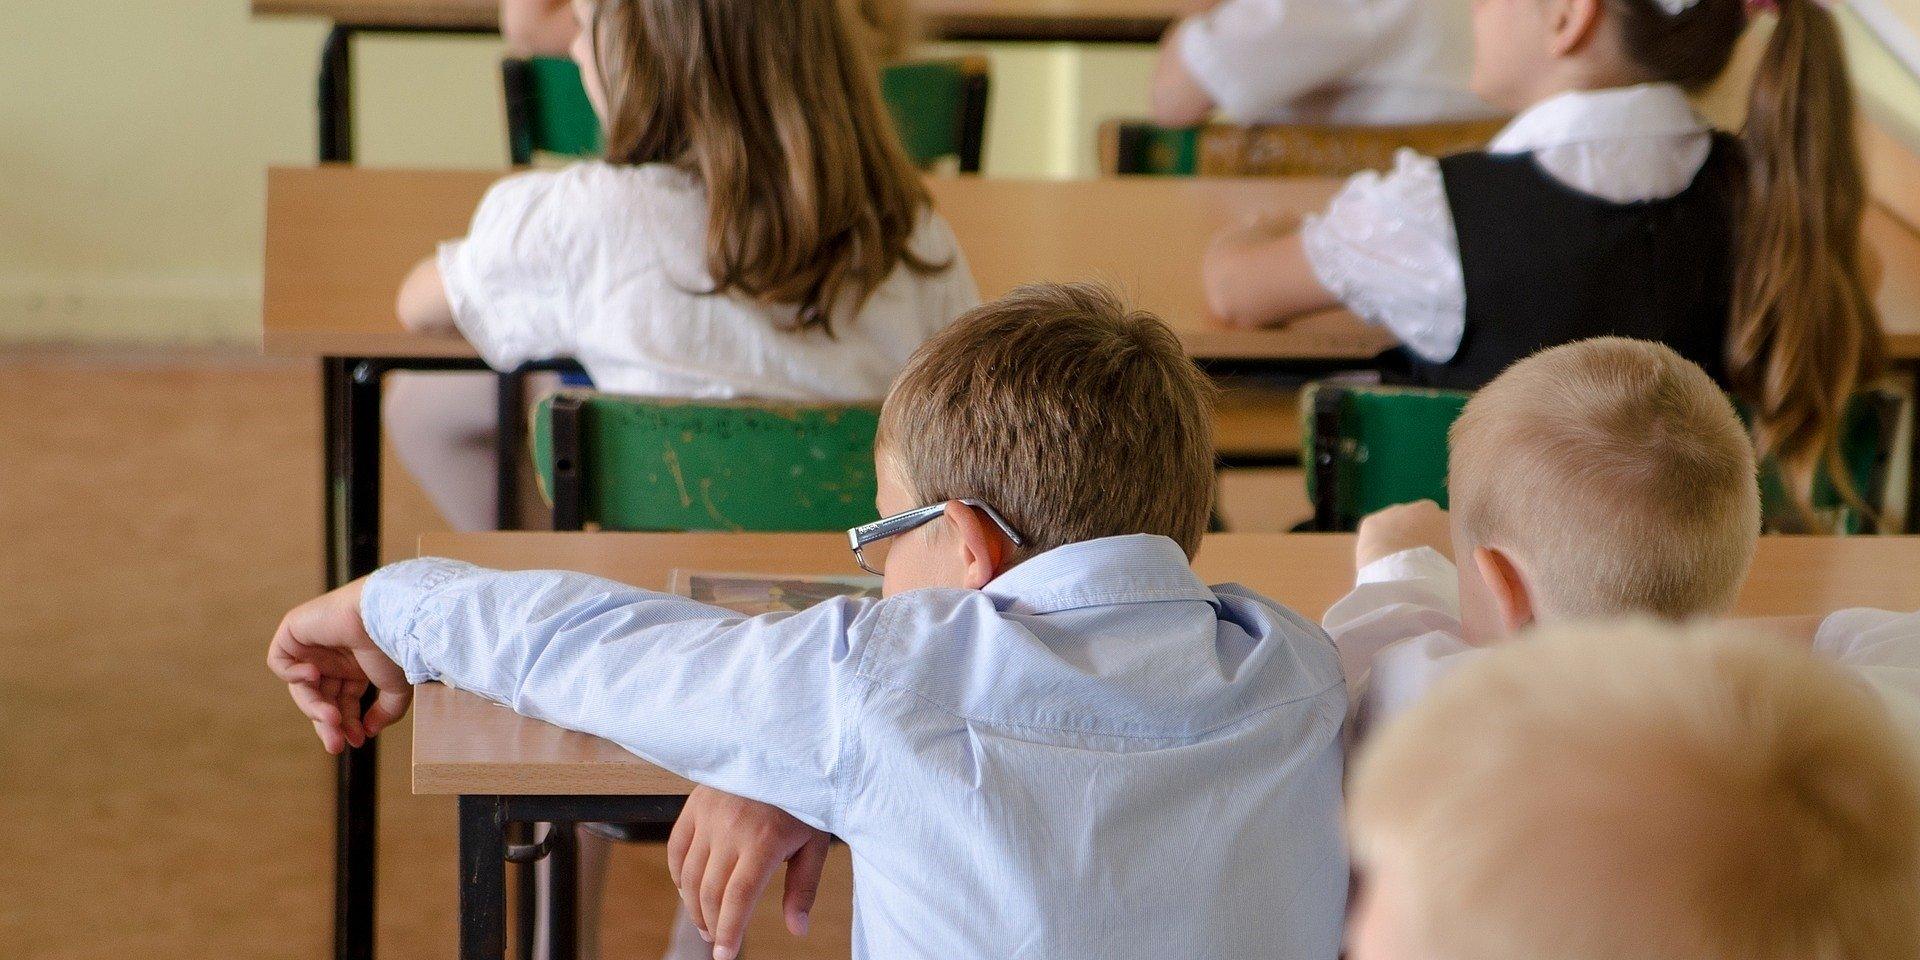 Trudny powrót dzieci do szkół. Pedagog radzi, jak reagować